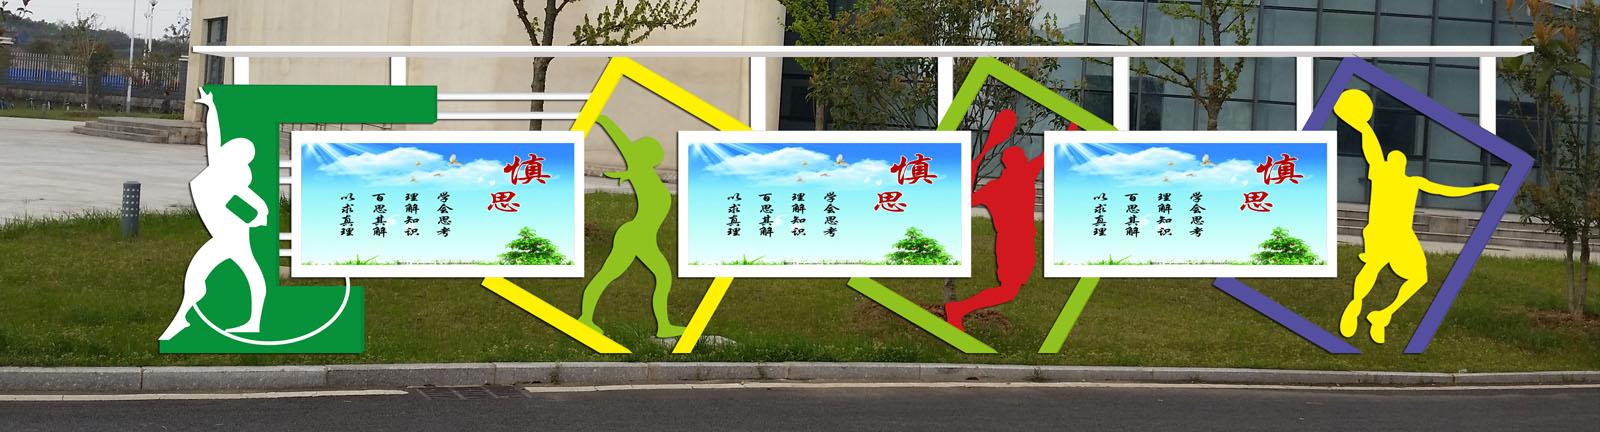 滨州公交候车亭